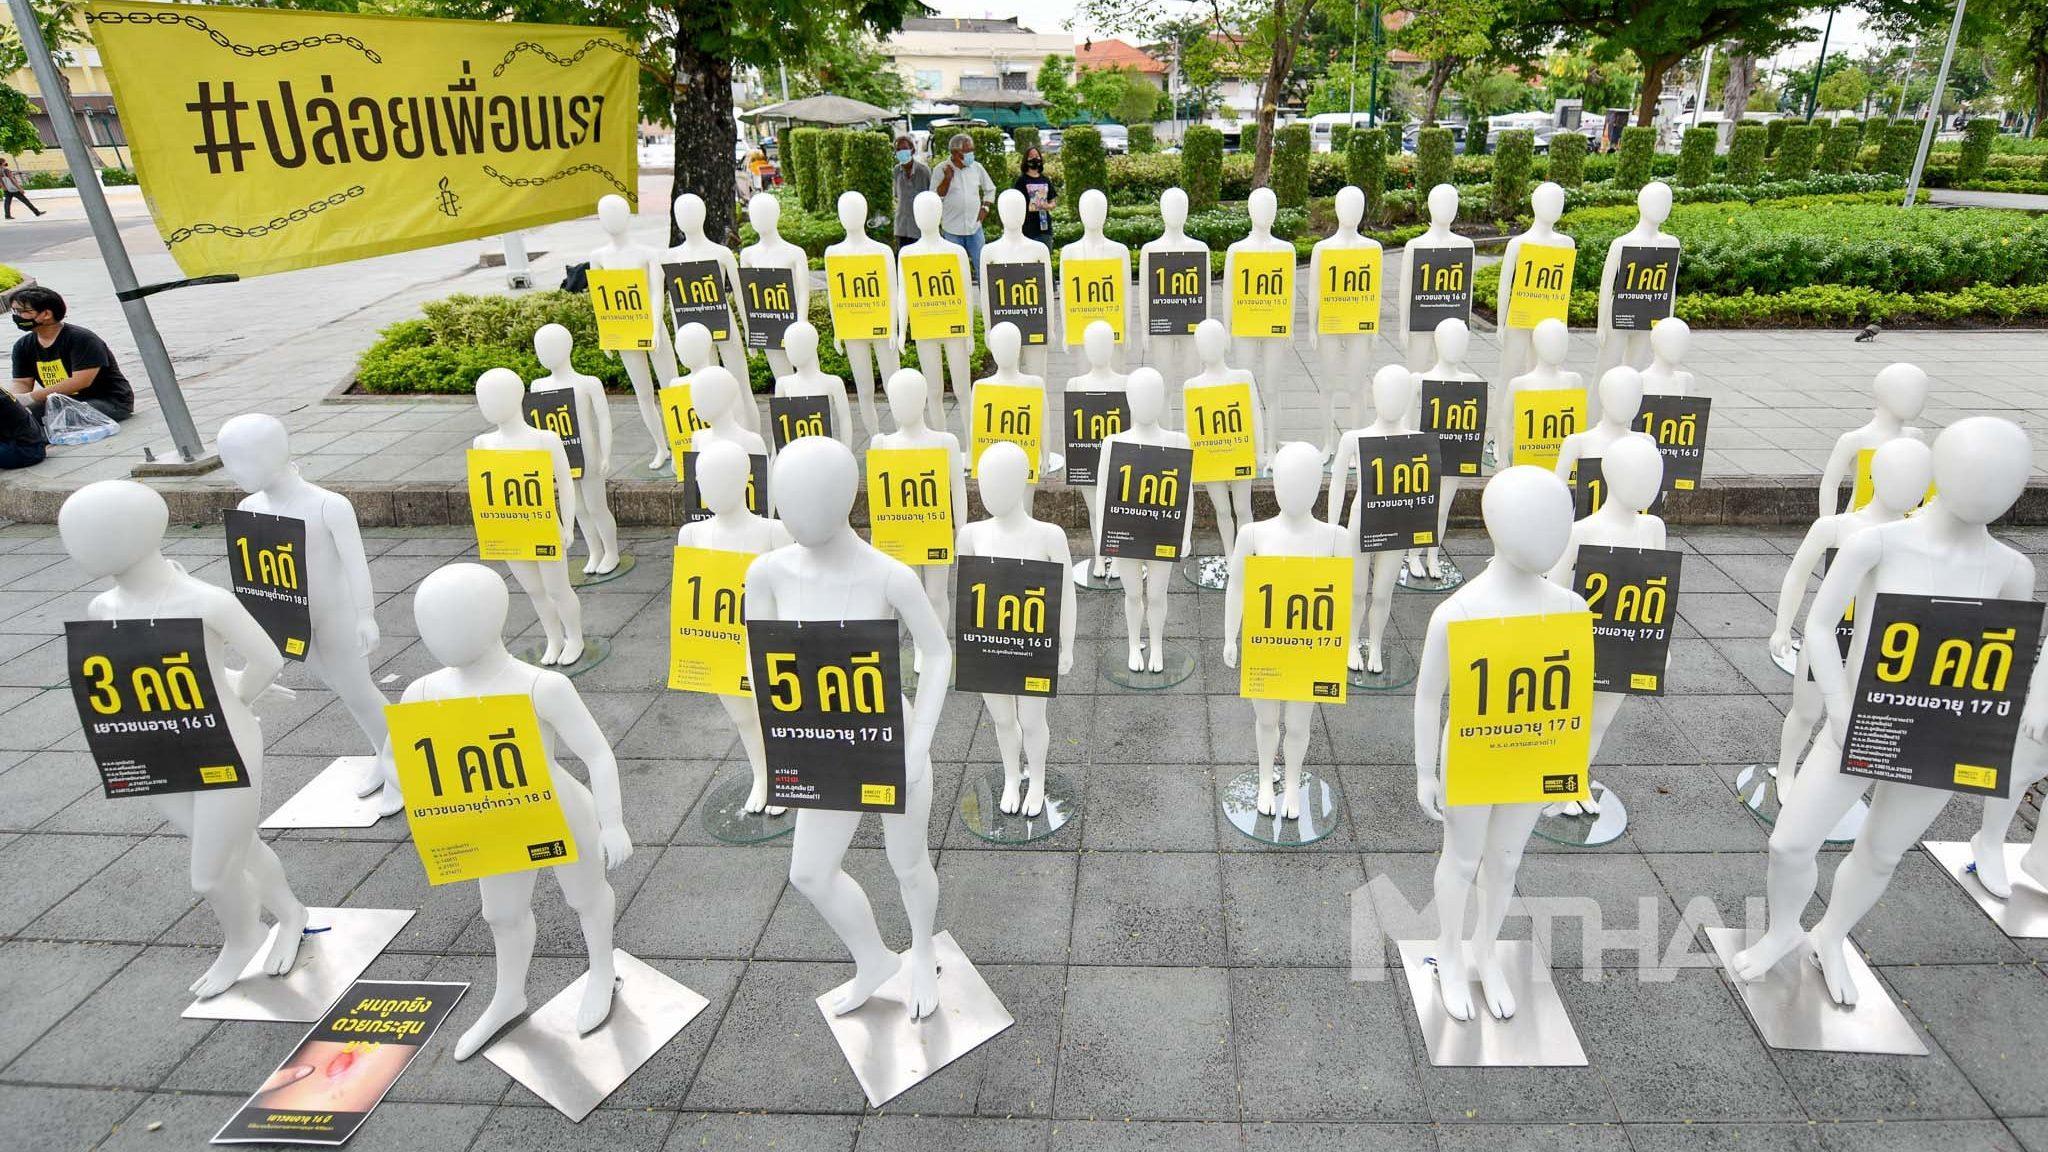 แอมเนสตี้ นำหุ่นเด็ก 41 ตัว ตั้งโชว์ เพื่อเรียกร้องรัฐบาลไทย